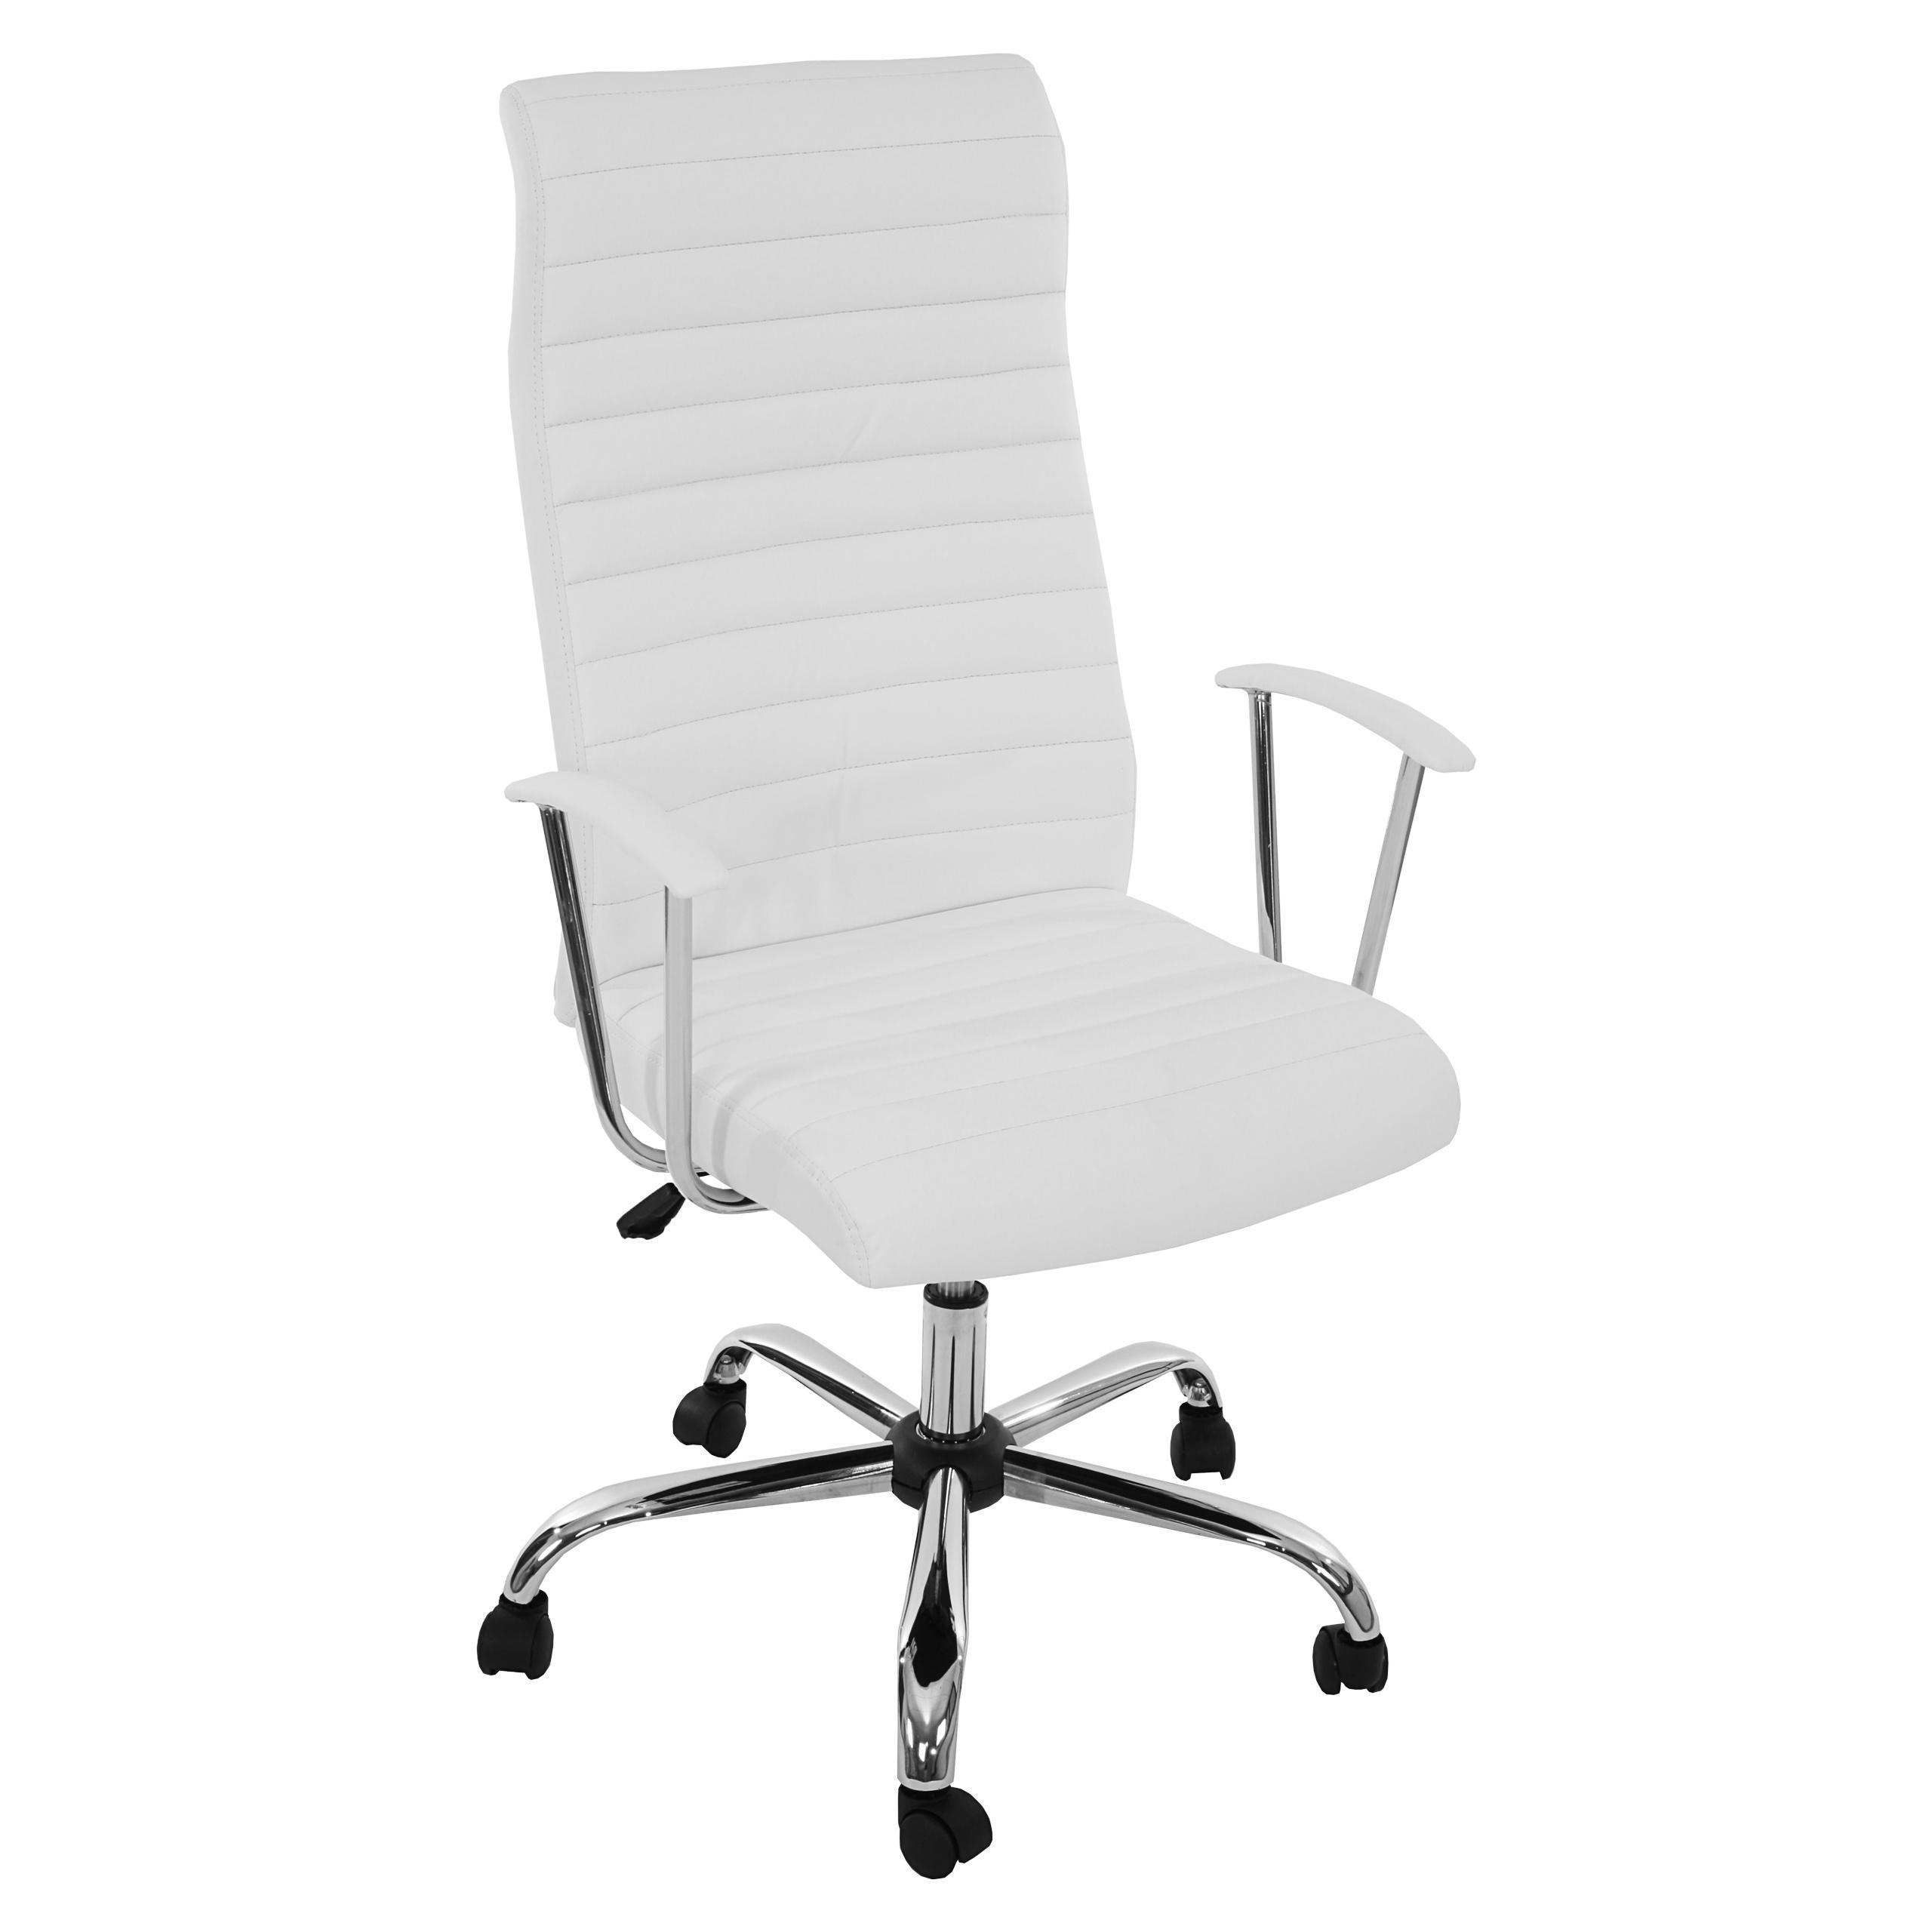 DEMO# Sillon de Diseño ARUCAS, Gran acolchado, estructura metálica, en piel color blanco